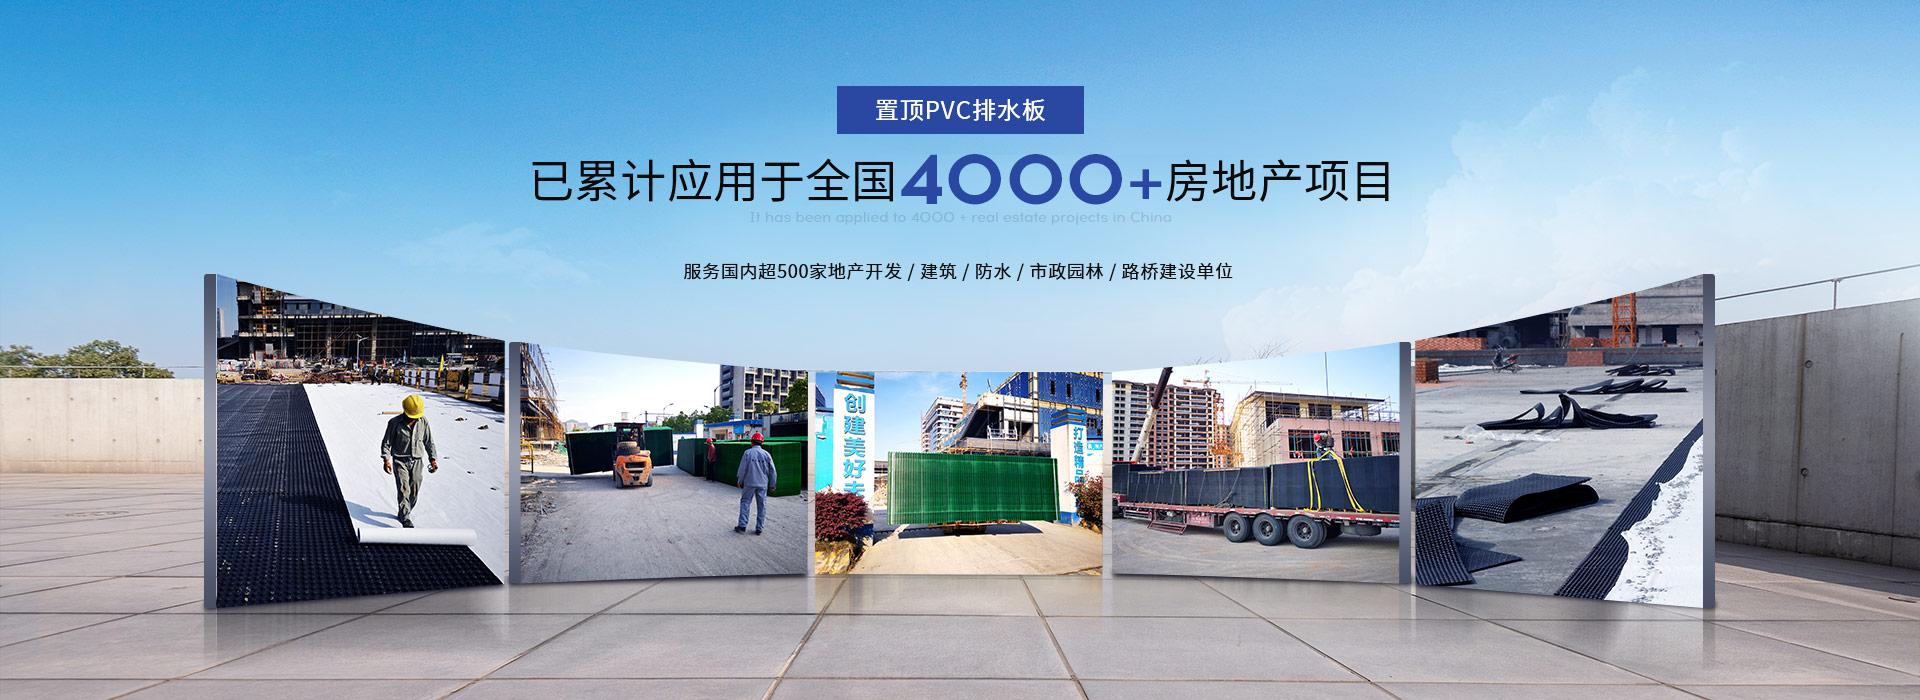 置顶PVC排水板已累计应用于全国4000+房地产项目